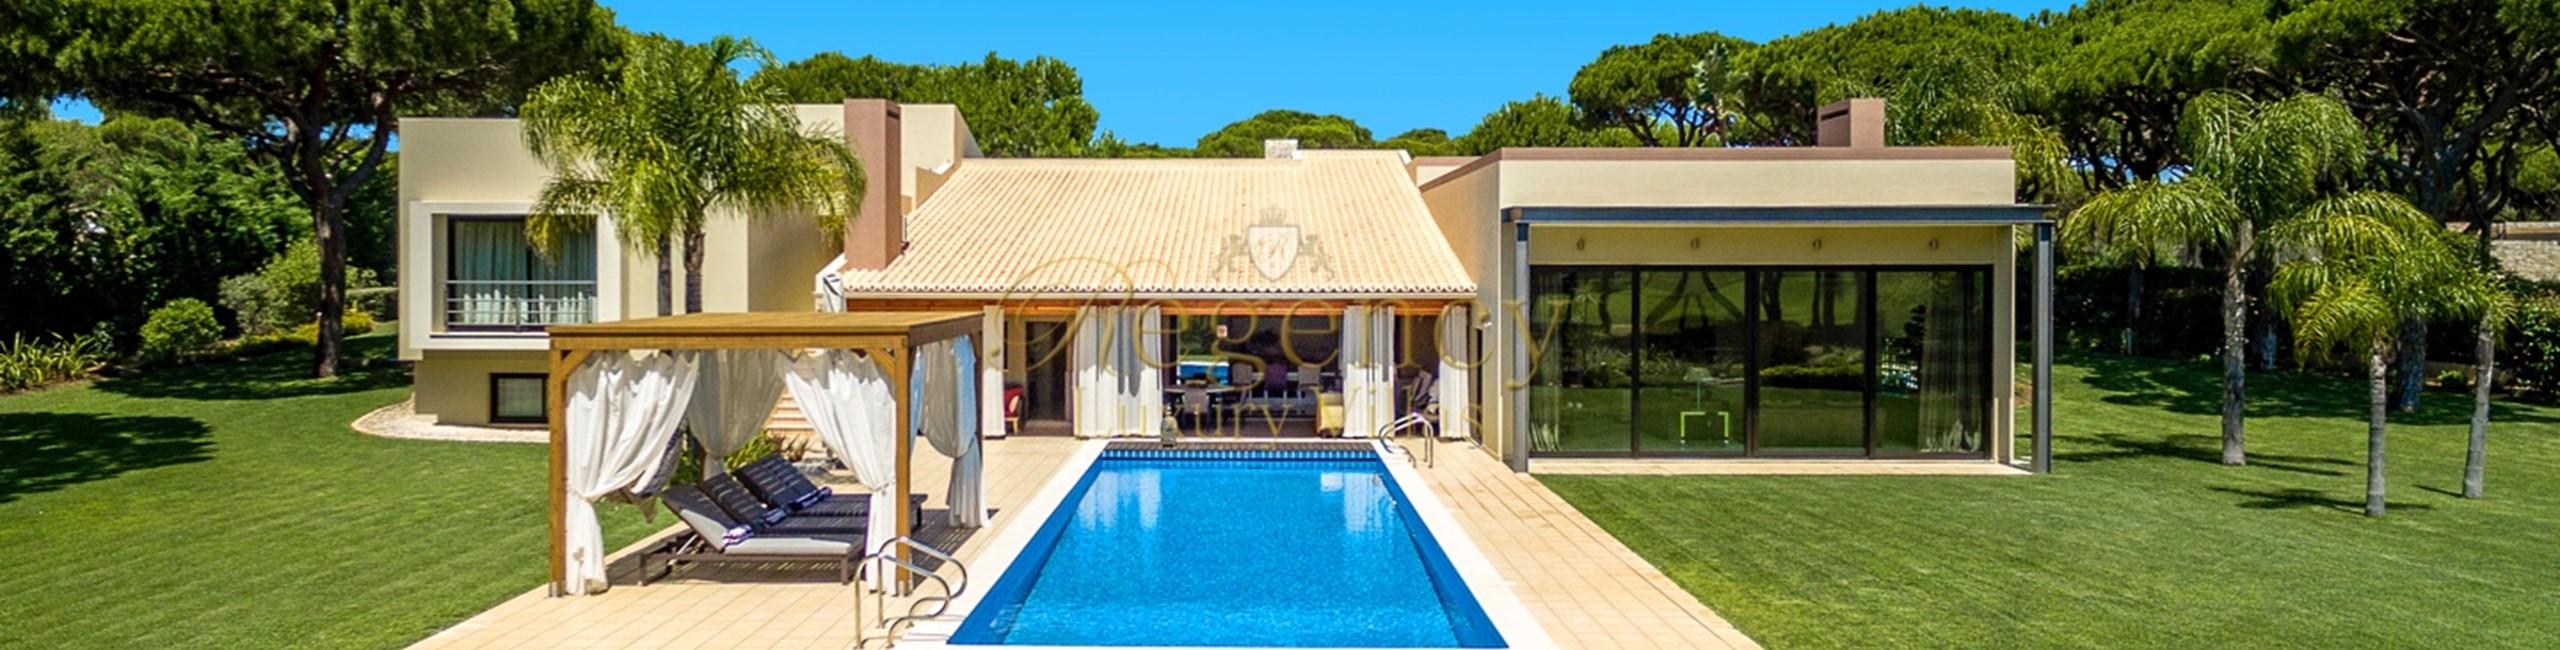 6 Bedroom Villa To Rent In Vilamoura Algarve